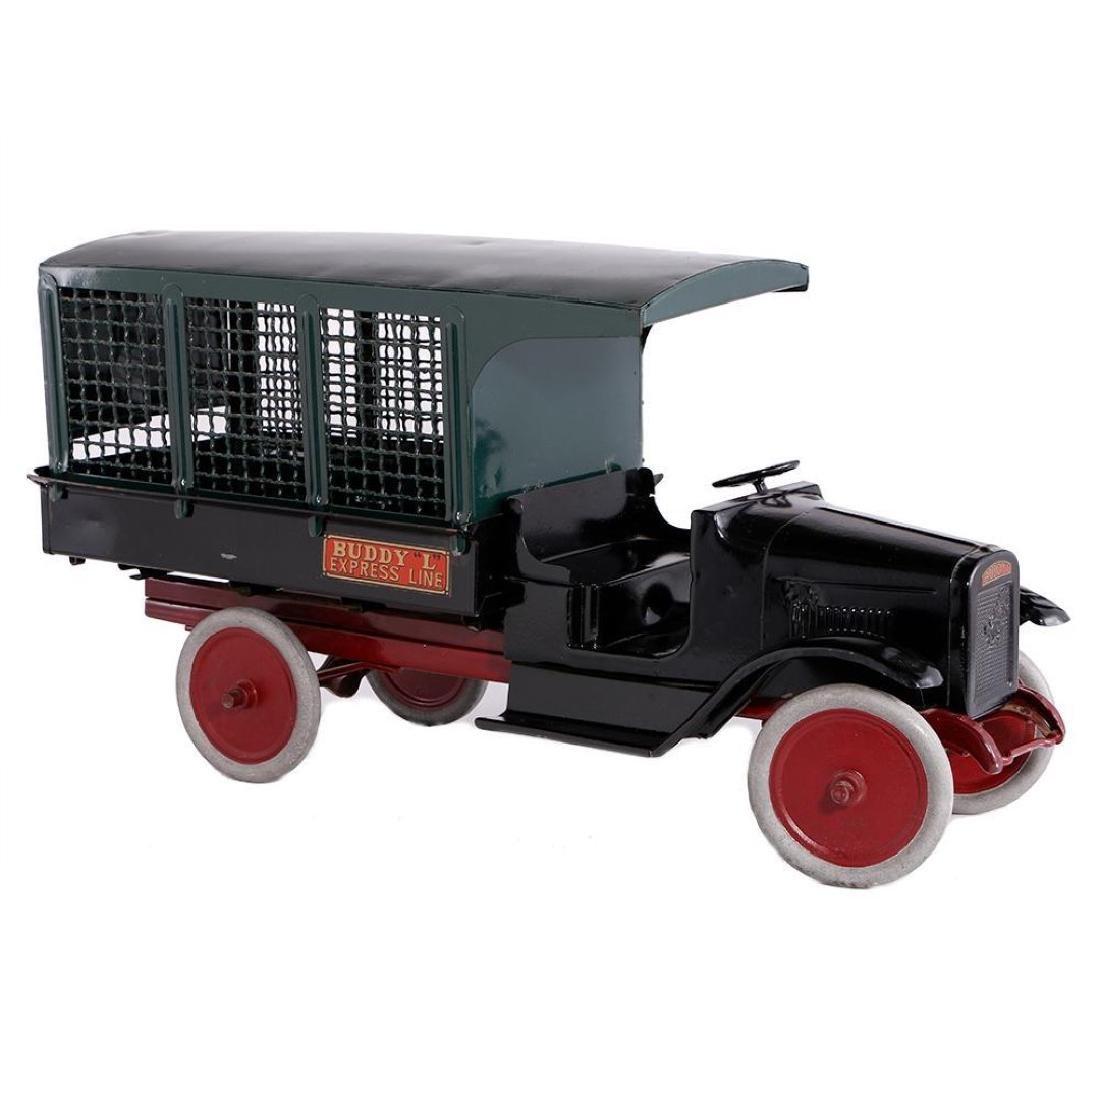 Buddy-L Express Line Pressed Steel Truck